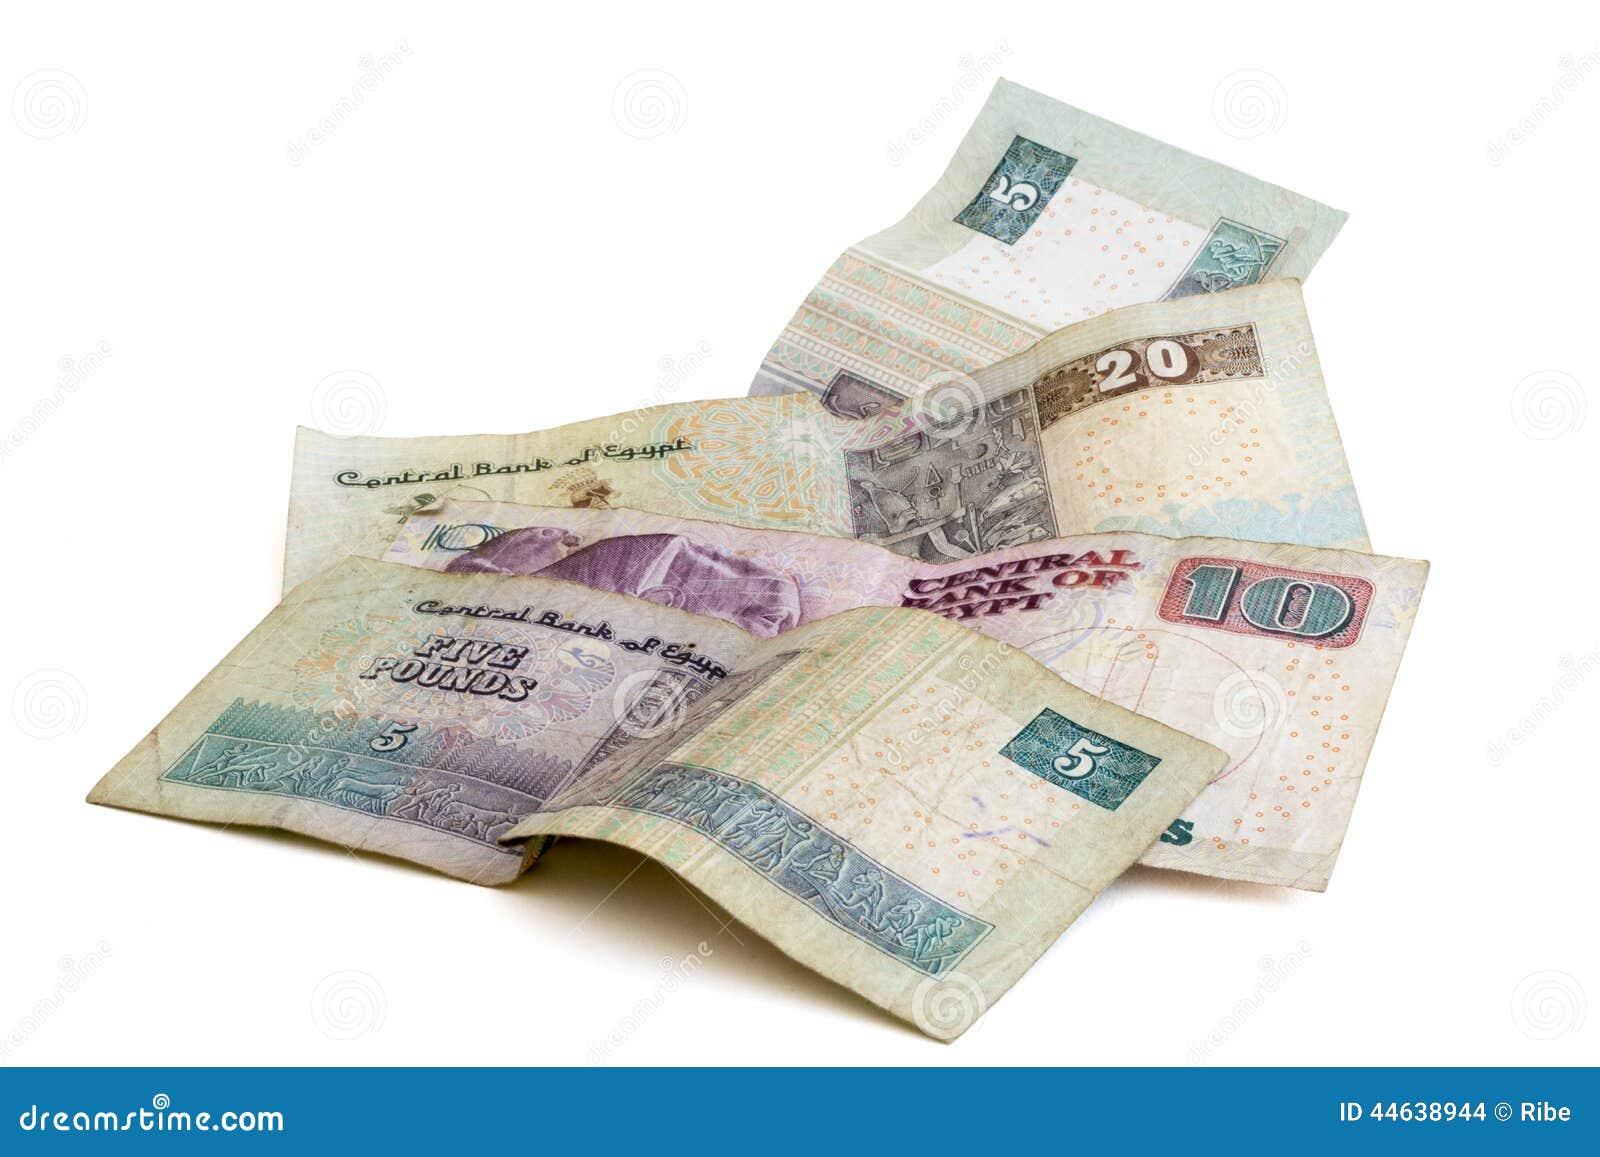 Egyptian money stock photo image of symbol paper several 44638944 egyptian money symbol paper biocorpaavc Images